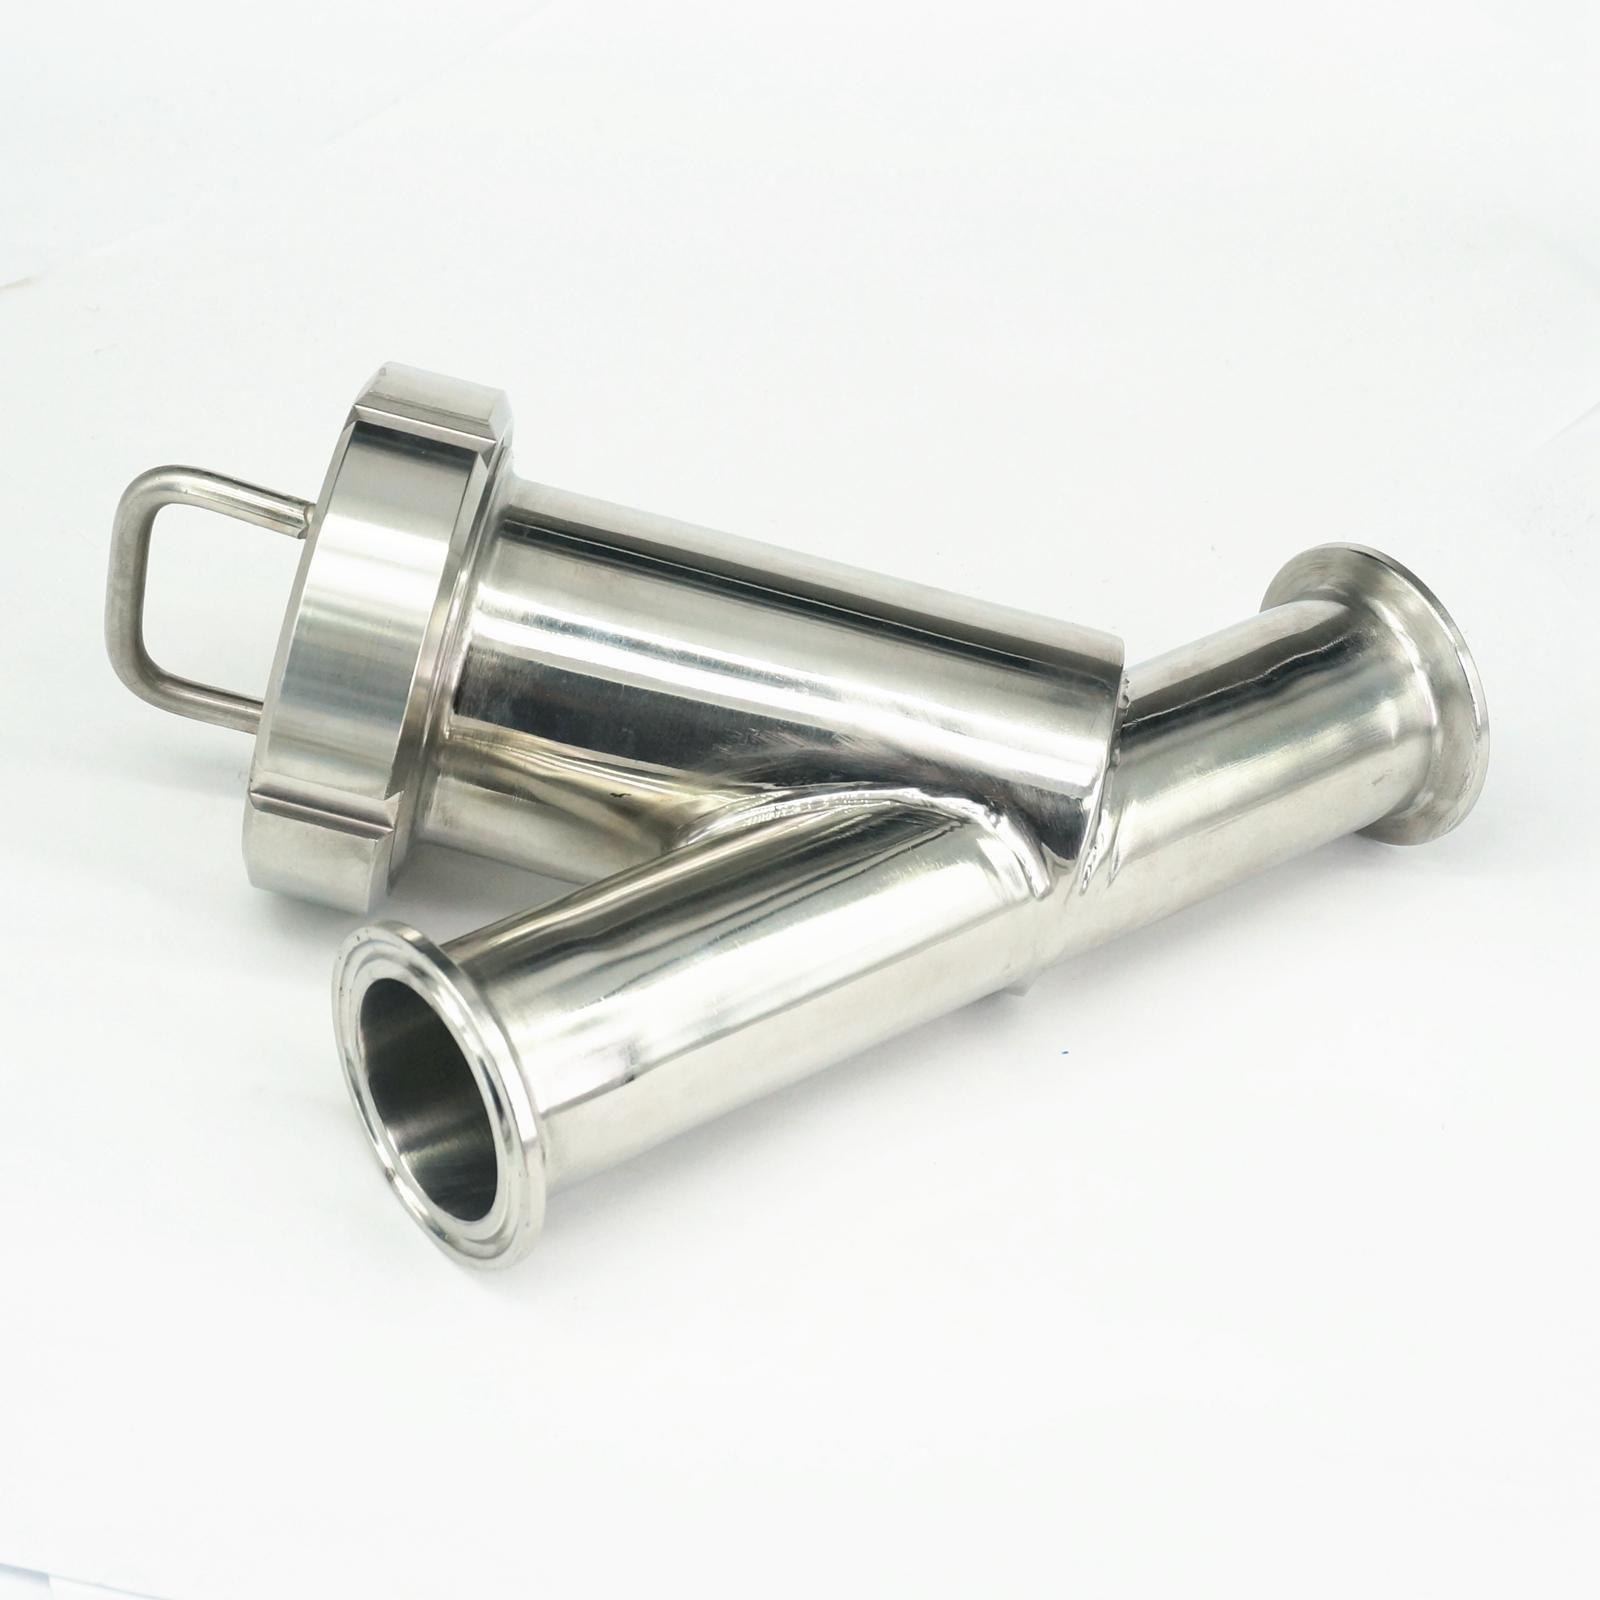 Fit 38mm Rohr OD x 1,5 Tri Clamp SUS304 Sanitär Y Schmutzfänger Filter Hause Brauen Wein